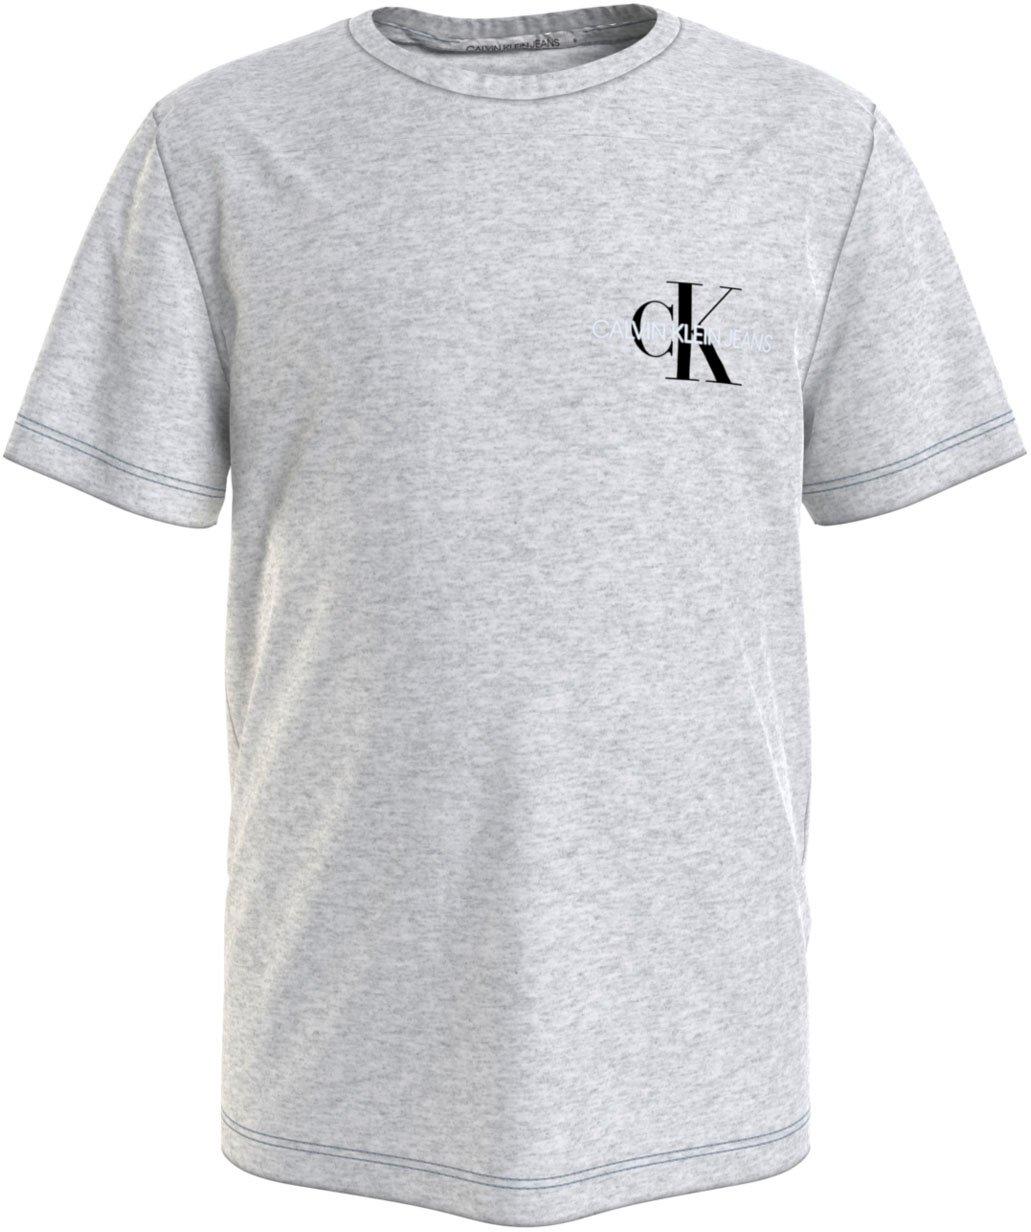 Calvin Klein T-shirt veilig op otto.nl kopen